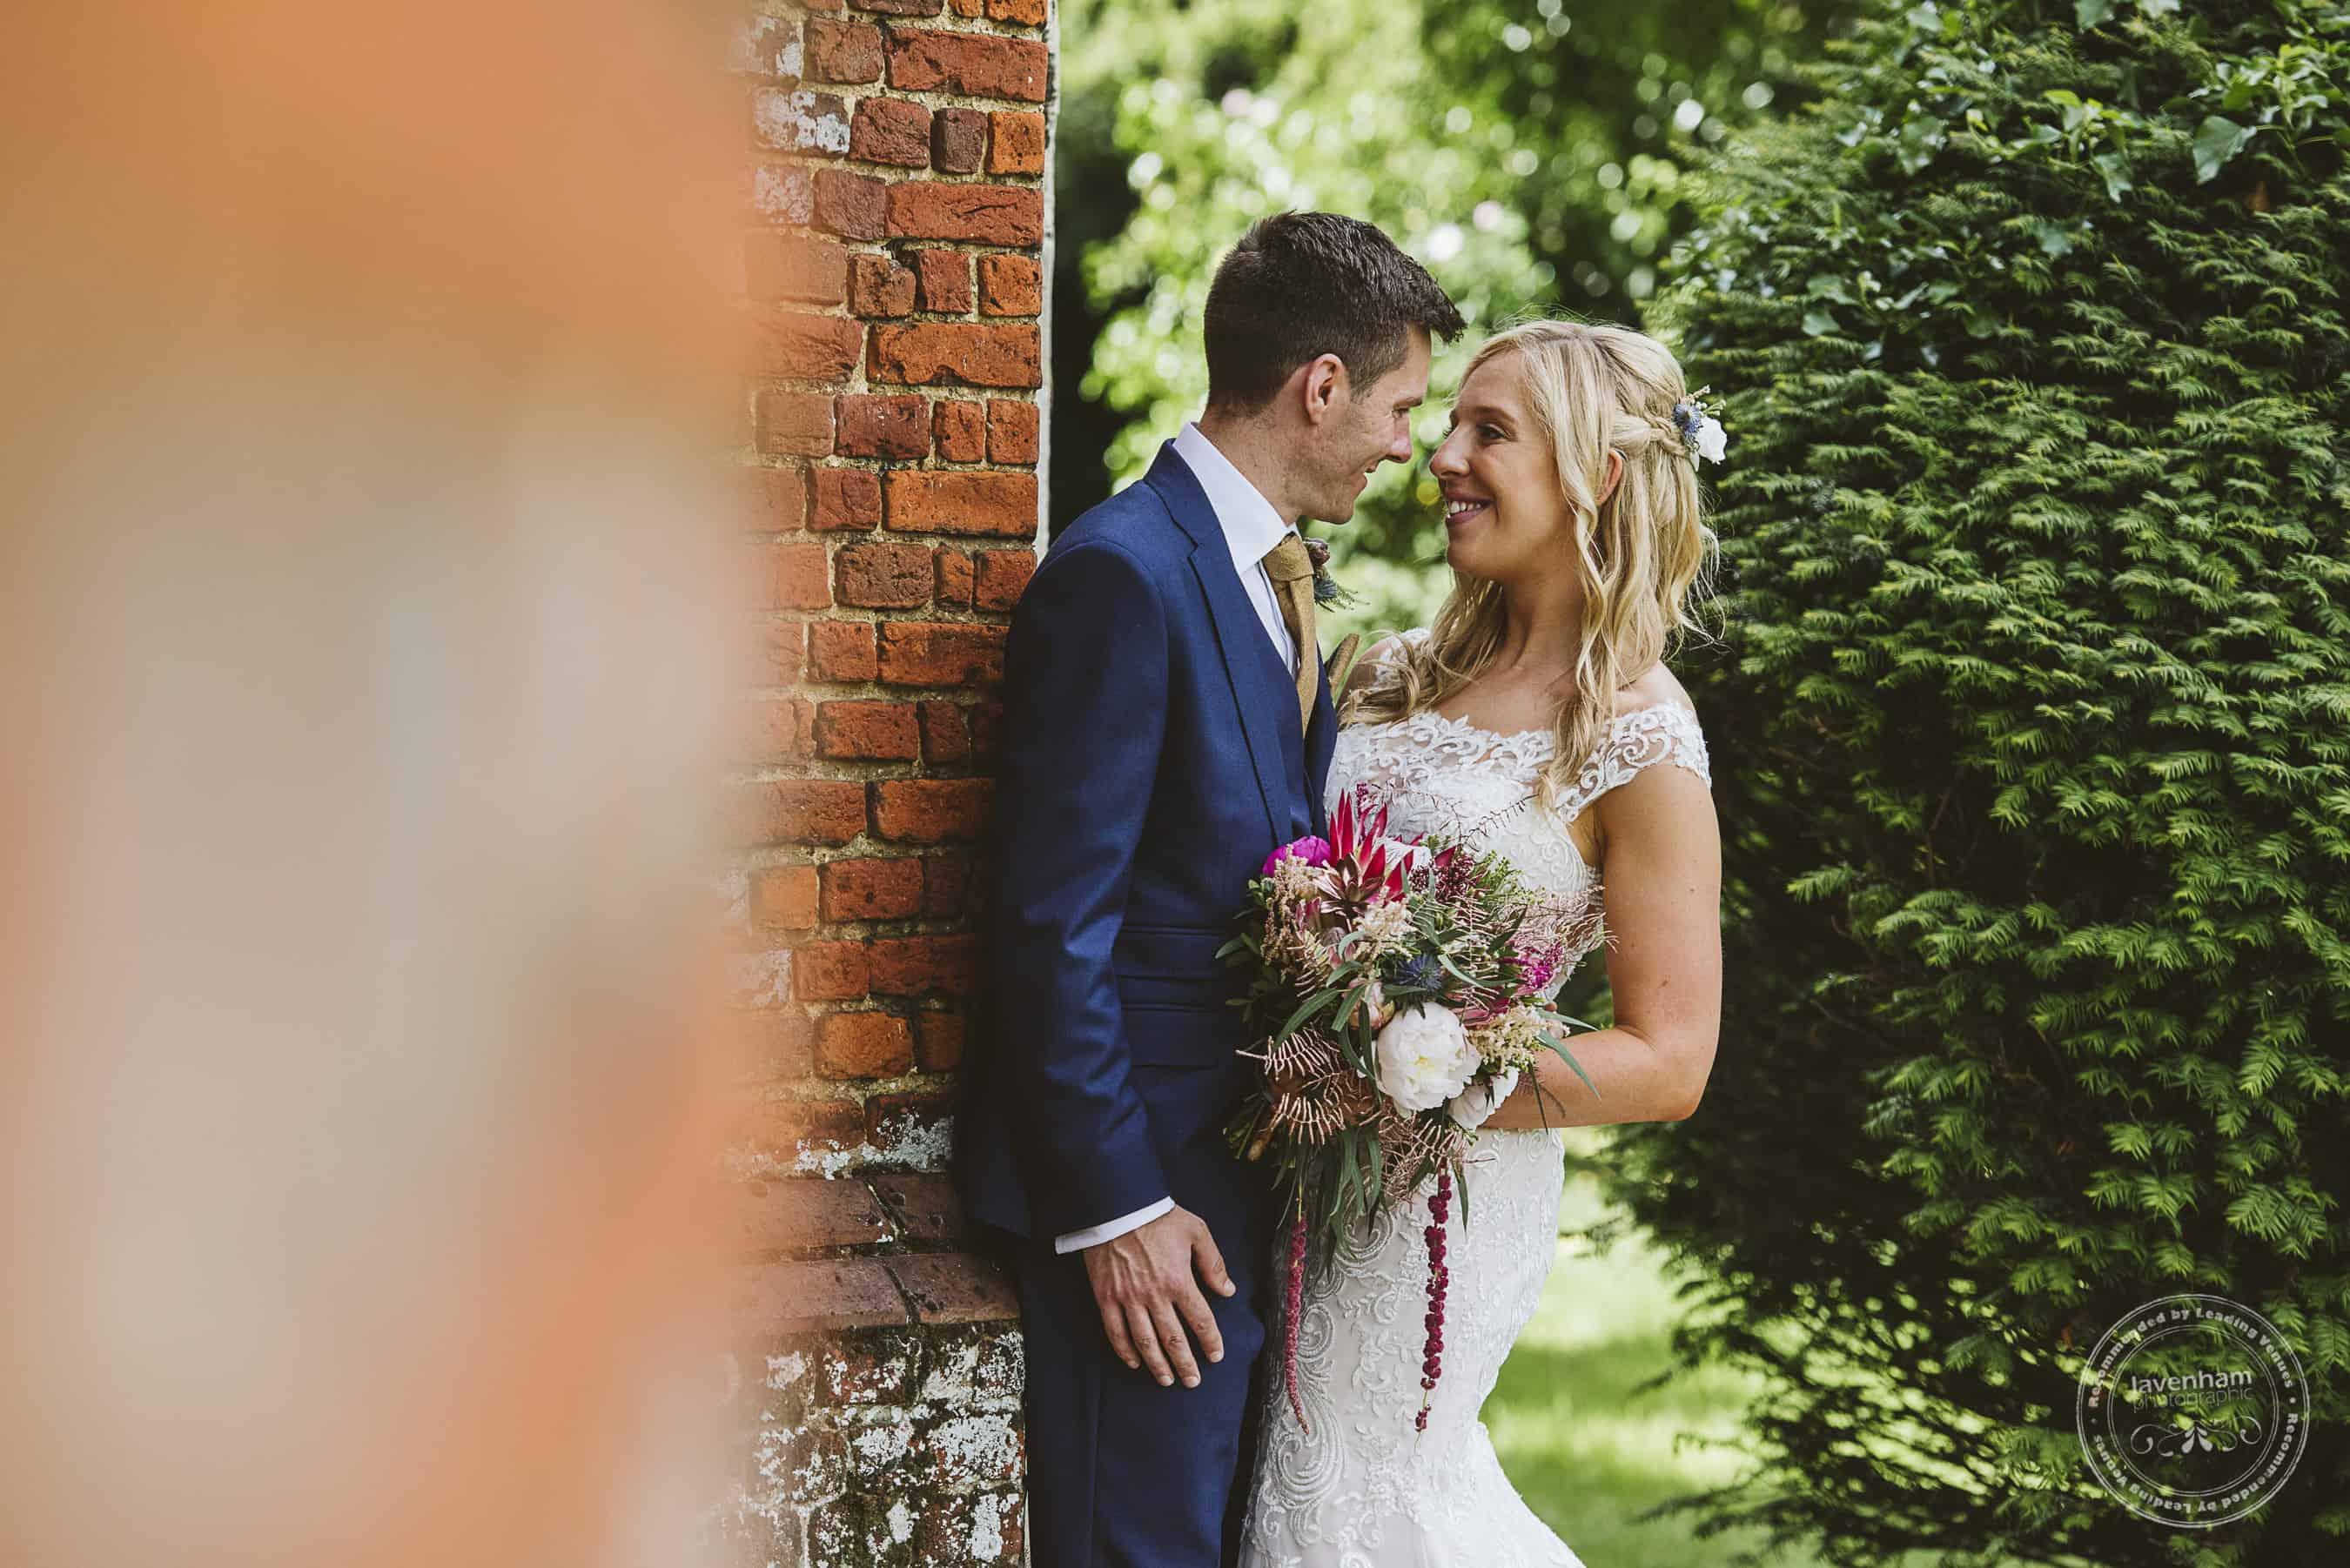 020618 Leez Priory Wedding Photography Lavenham Photographic 101